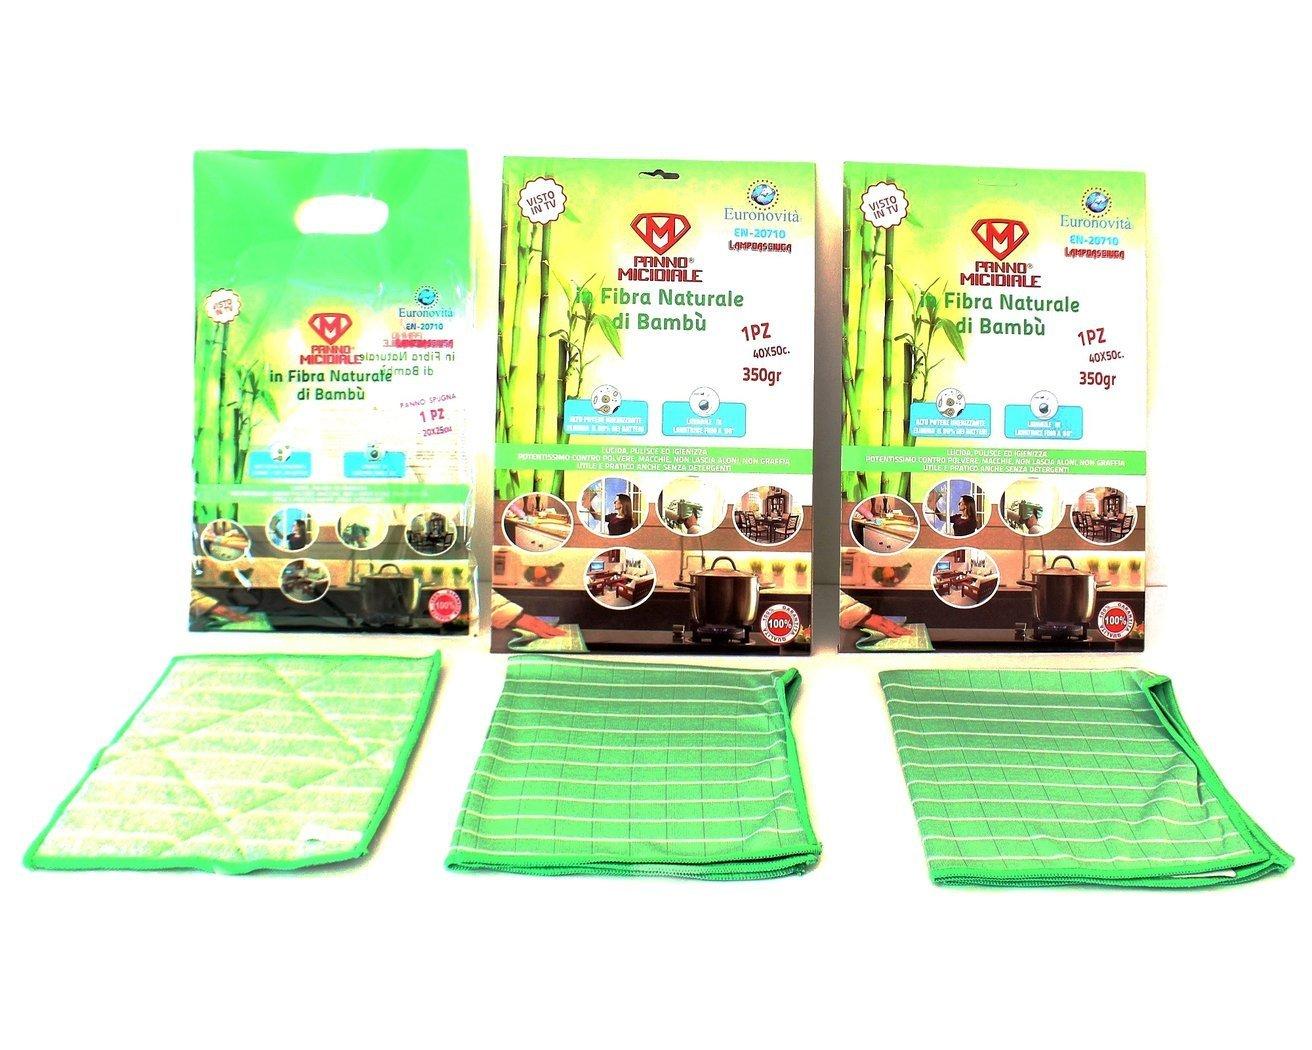 Panno Micidiale in fibra di Bambù 2pz da 350gr + Panno Spugna per sgrassare 20x25-ottimi per la pulizia della casa, mobili, vetri, cucina, bagno 3 pezzi